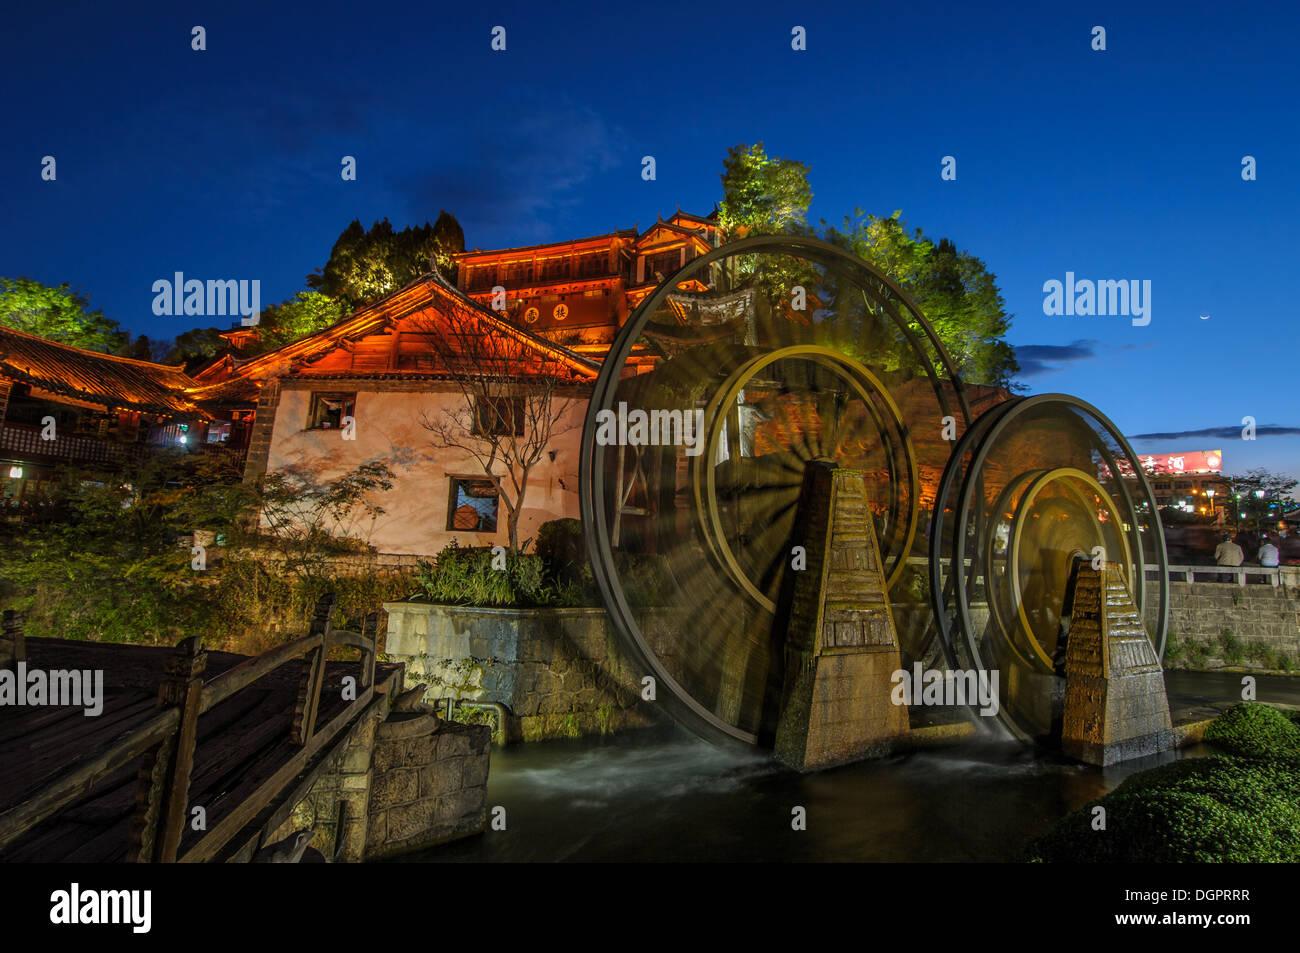 Old mill in Lijiang, Yunnan, China - Stock Image